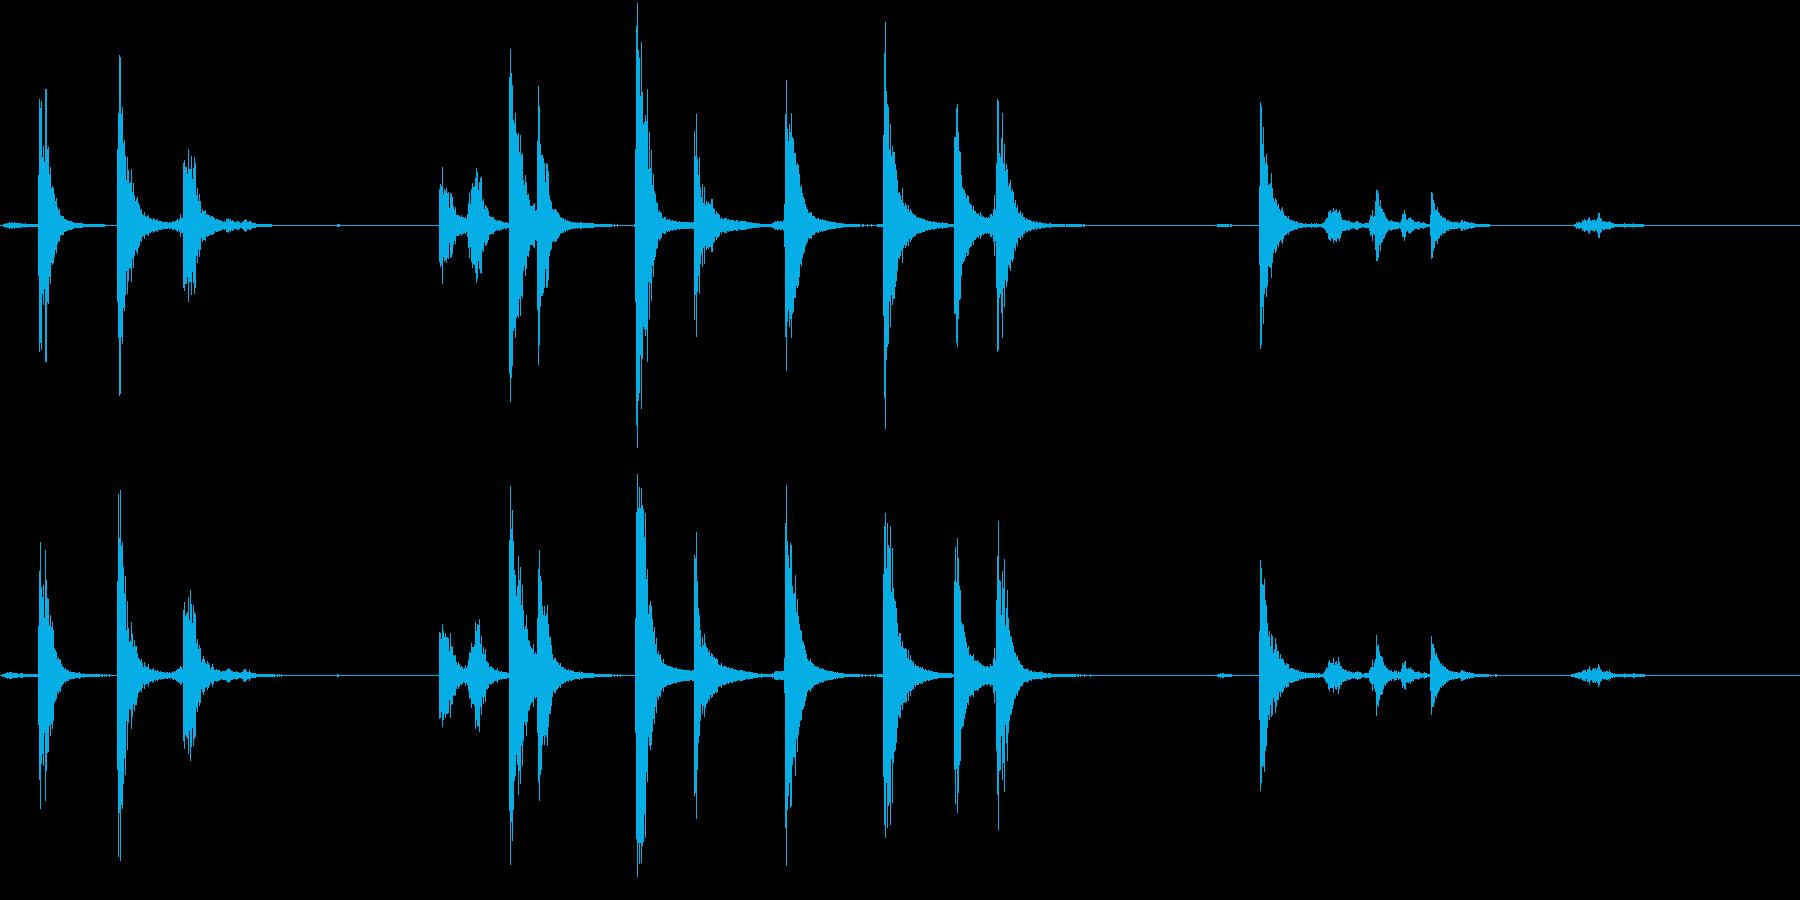 【生録音】手錠の音 2 鎖が揺れるの再生済みの波形